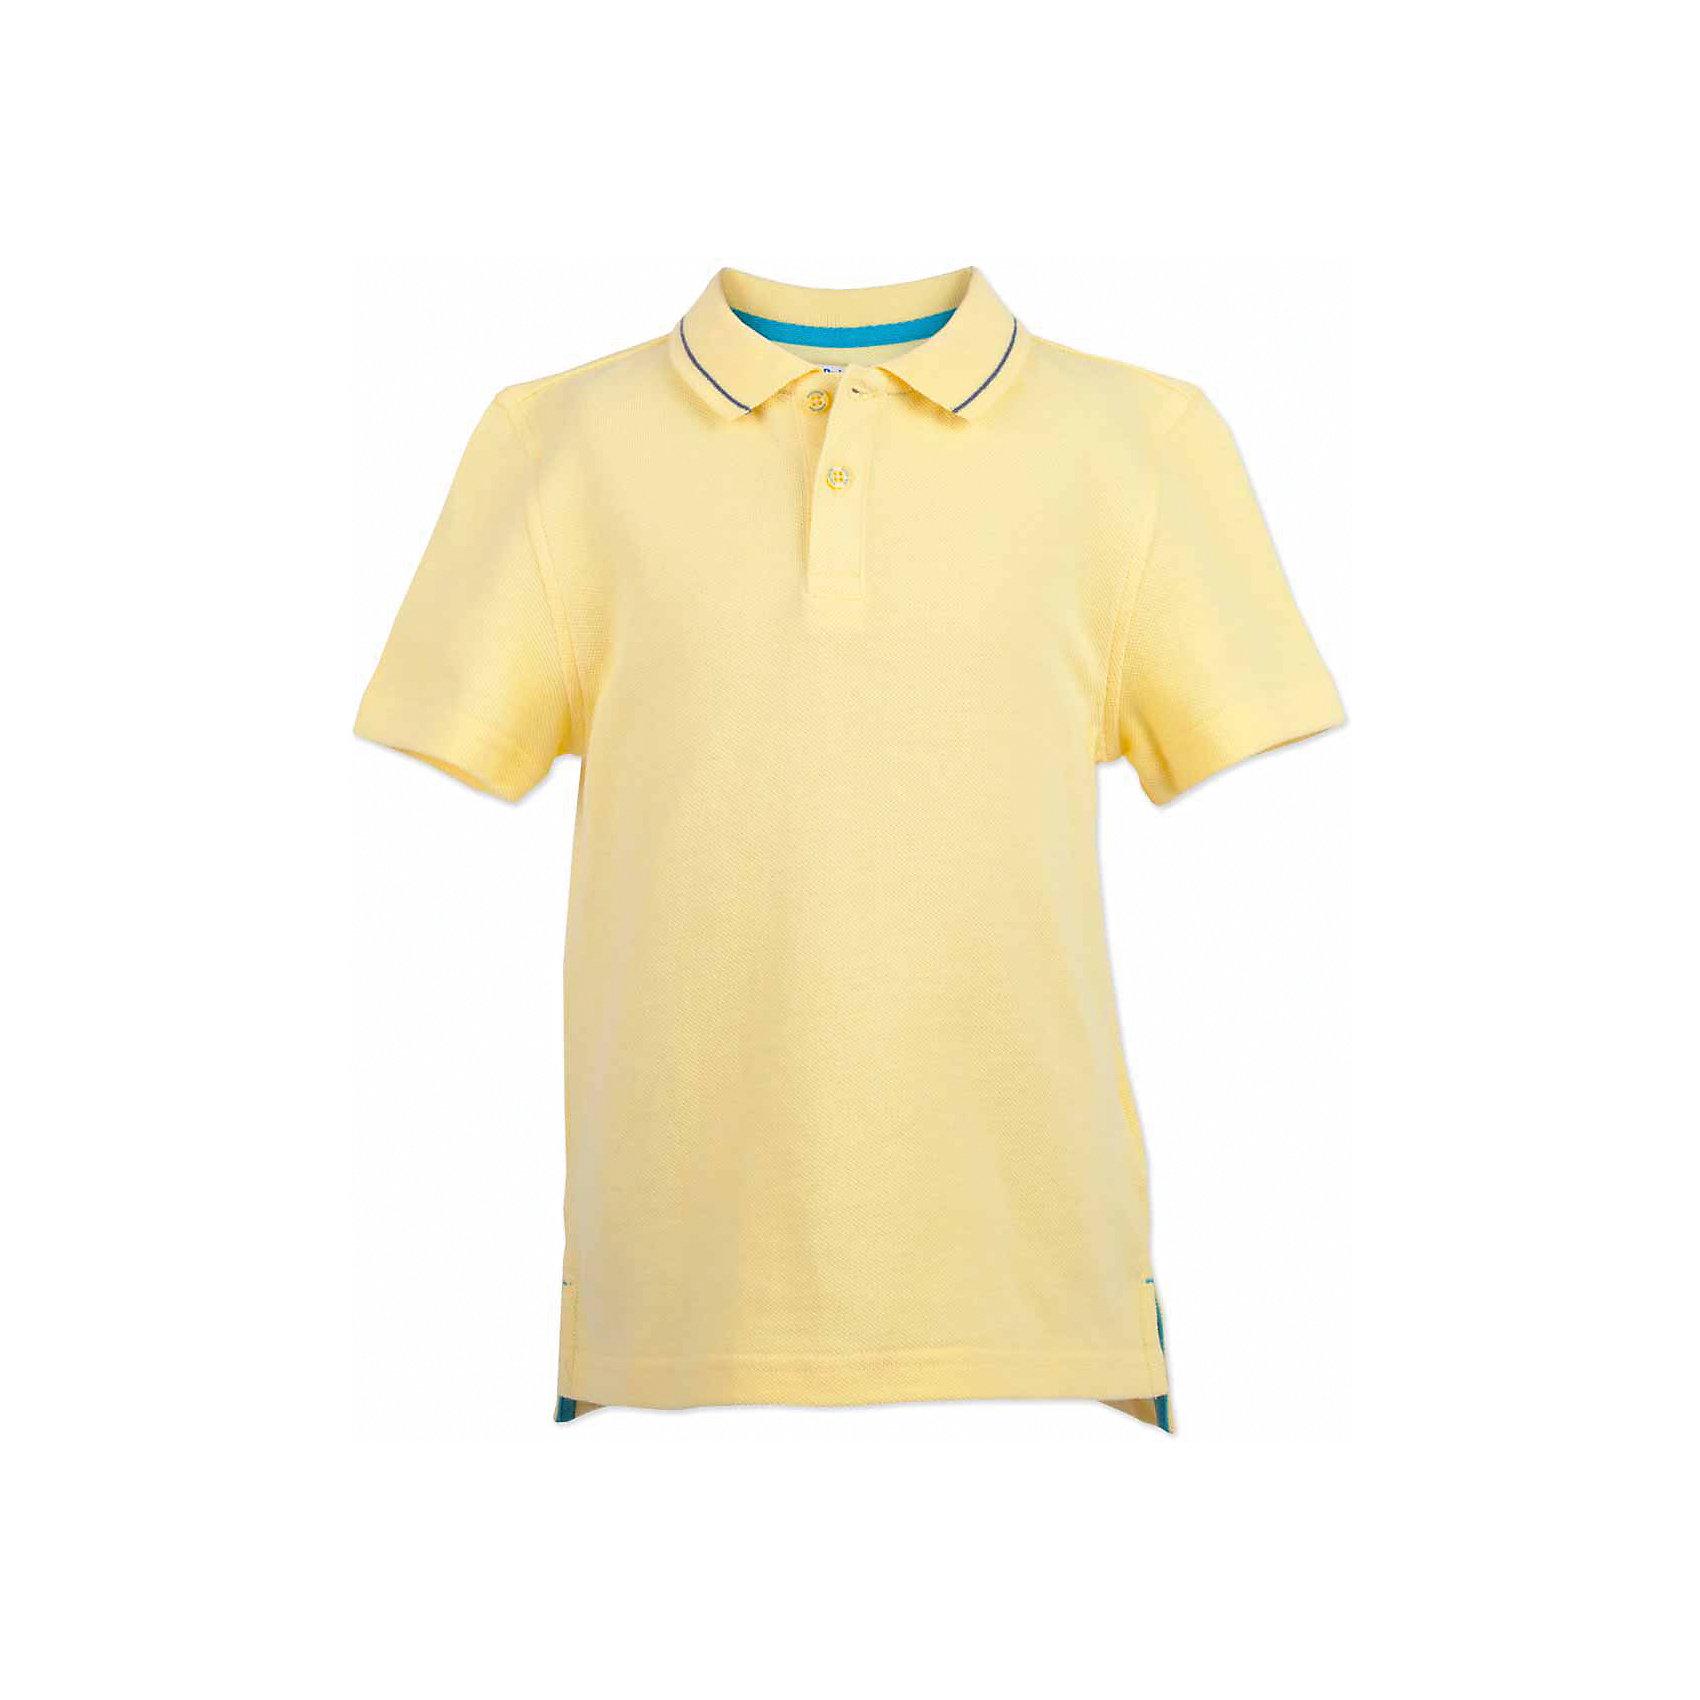 Поло для мальчика  BUTTON BLUEФутболки, поло и топы<br>Поло для мальчика  BUTTON BLUE<br>Яркая футболка-поло - изделие из разряда must have! Это не только базовая вещь в гардеробе ребенка, но и залог хорошего летнего настроения! Если вы решили купить недорогую  футболку-поло для мальчика, выберете желтую модель от Button Blue и ваш ребенок будет доволен! Низкая цена не окажет влияния на бюджет семьи, позволив создать интересный базовый гардероб для долгожданных каникул!<br>Состав:<br>100%  хлопок<br><br>Ширина мм: 199<br>Глубина мм: 10<br>Высота мм: 161<br>Вес г: 151<br>Цвет: желтый<br>Возраст от месяцев: 24<br>Возраст до месяцев: 36<br>Пол: Мужской<br>Возраст: Детский<br>Размер: 98,158,104,110,116,122,128,134,140,146,152<br>SKU: 5524368